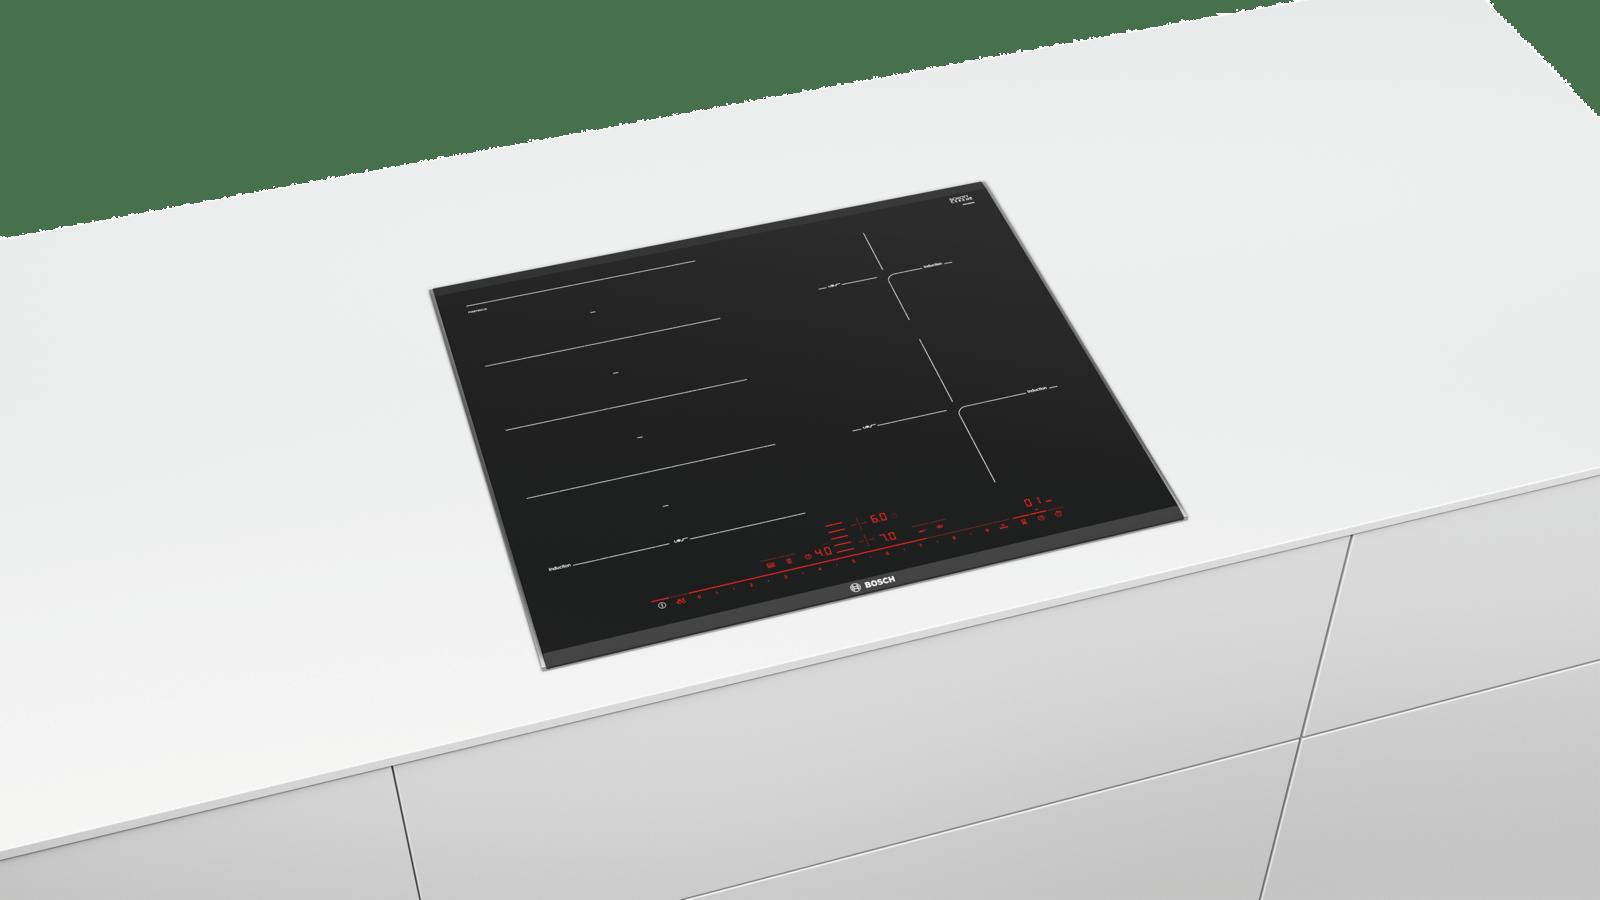 Bosch pribor za spajanje kad imaš skeniranje za upoznavanje